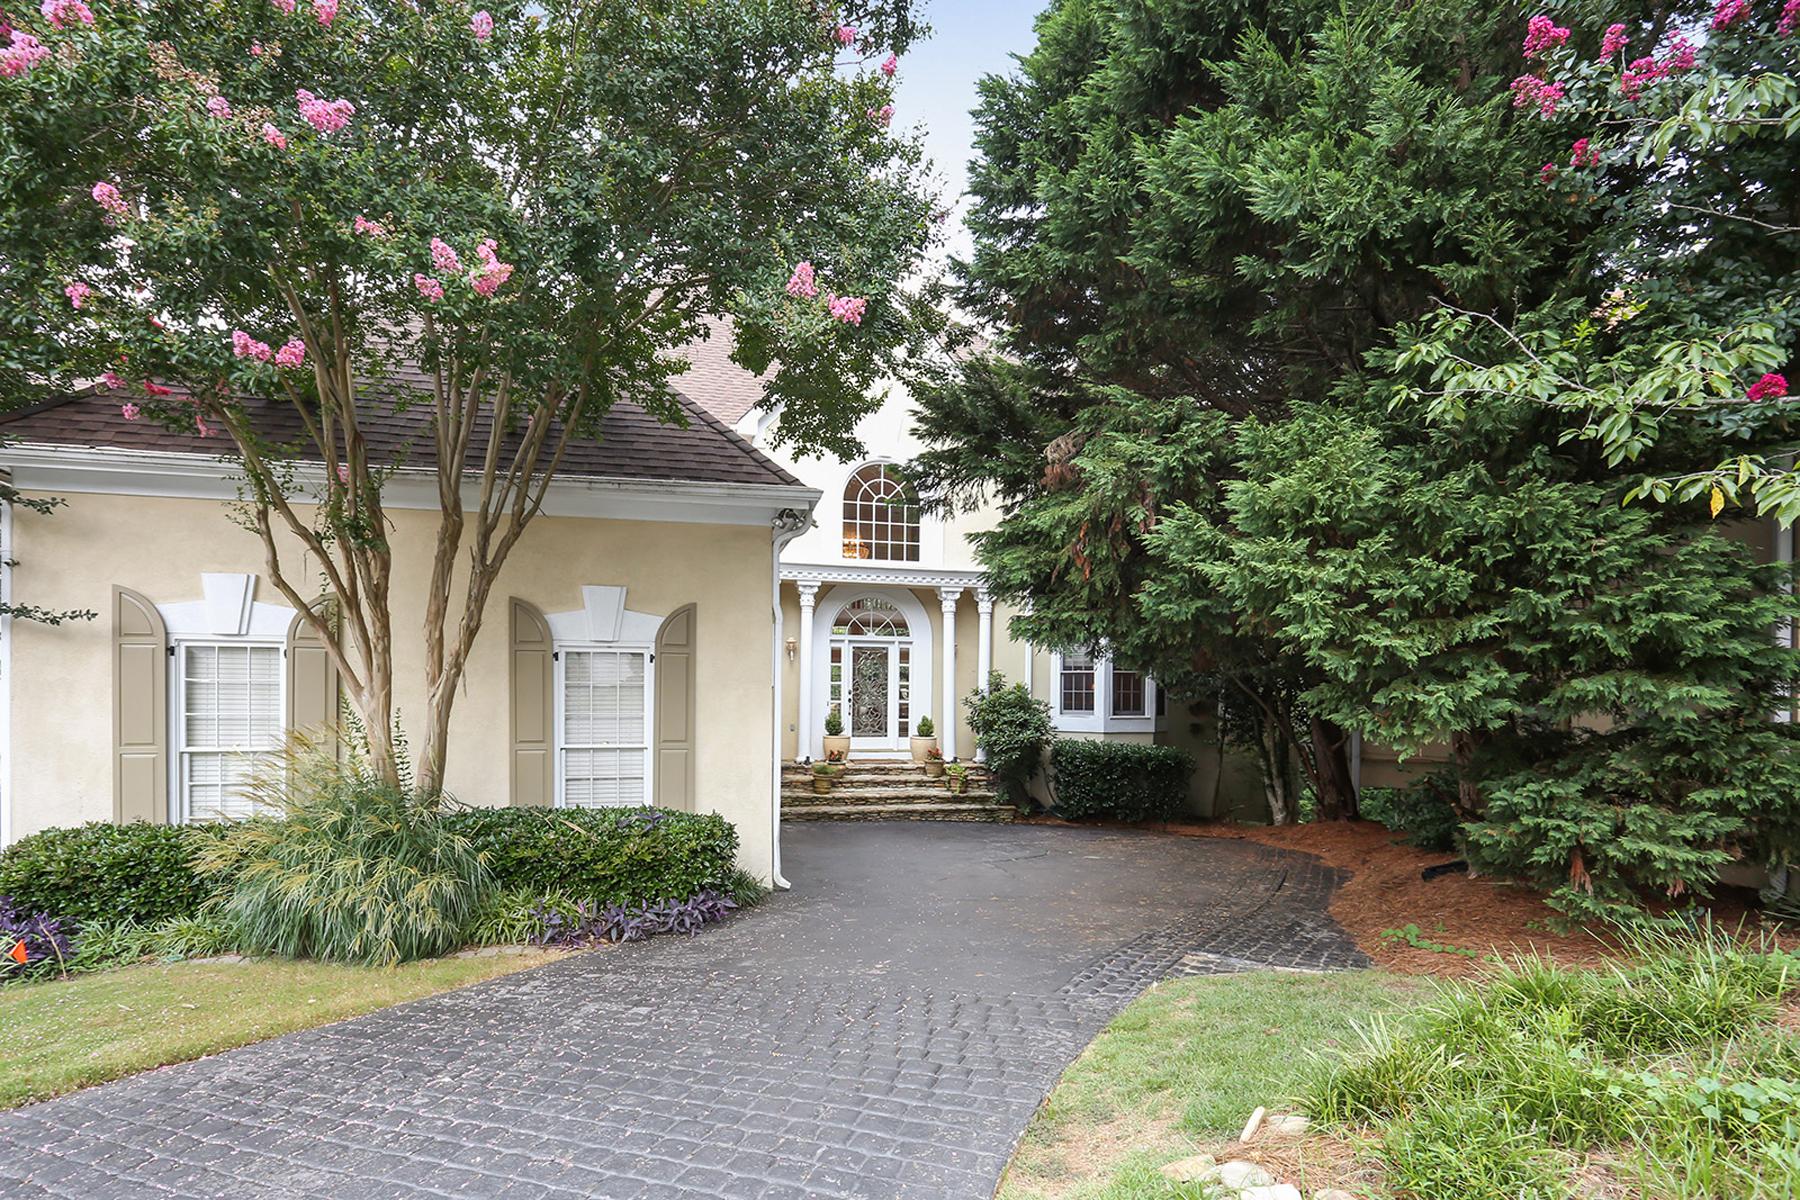 Property por un Venta en Open And Light Filled Home 365 Driver Circle Ct, Alpharetta, Georgia 30022 Estados Unidos